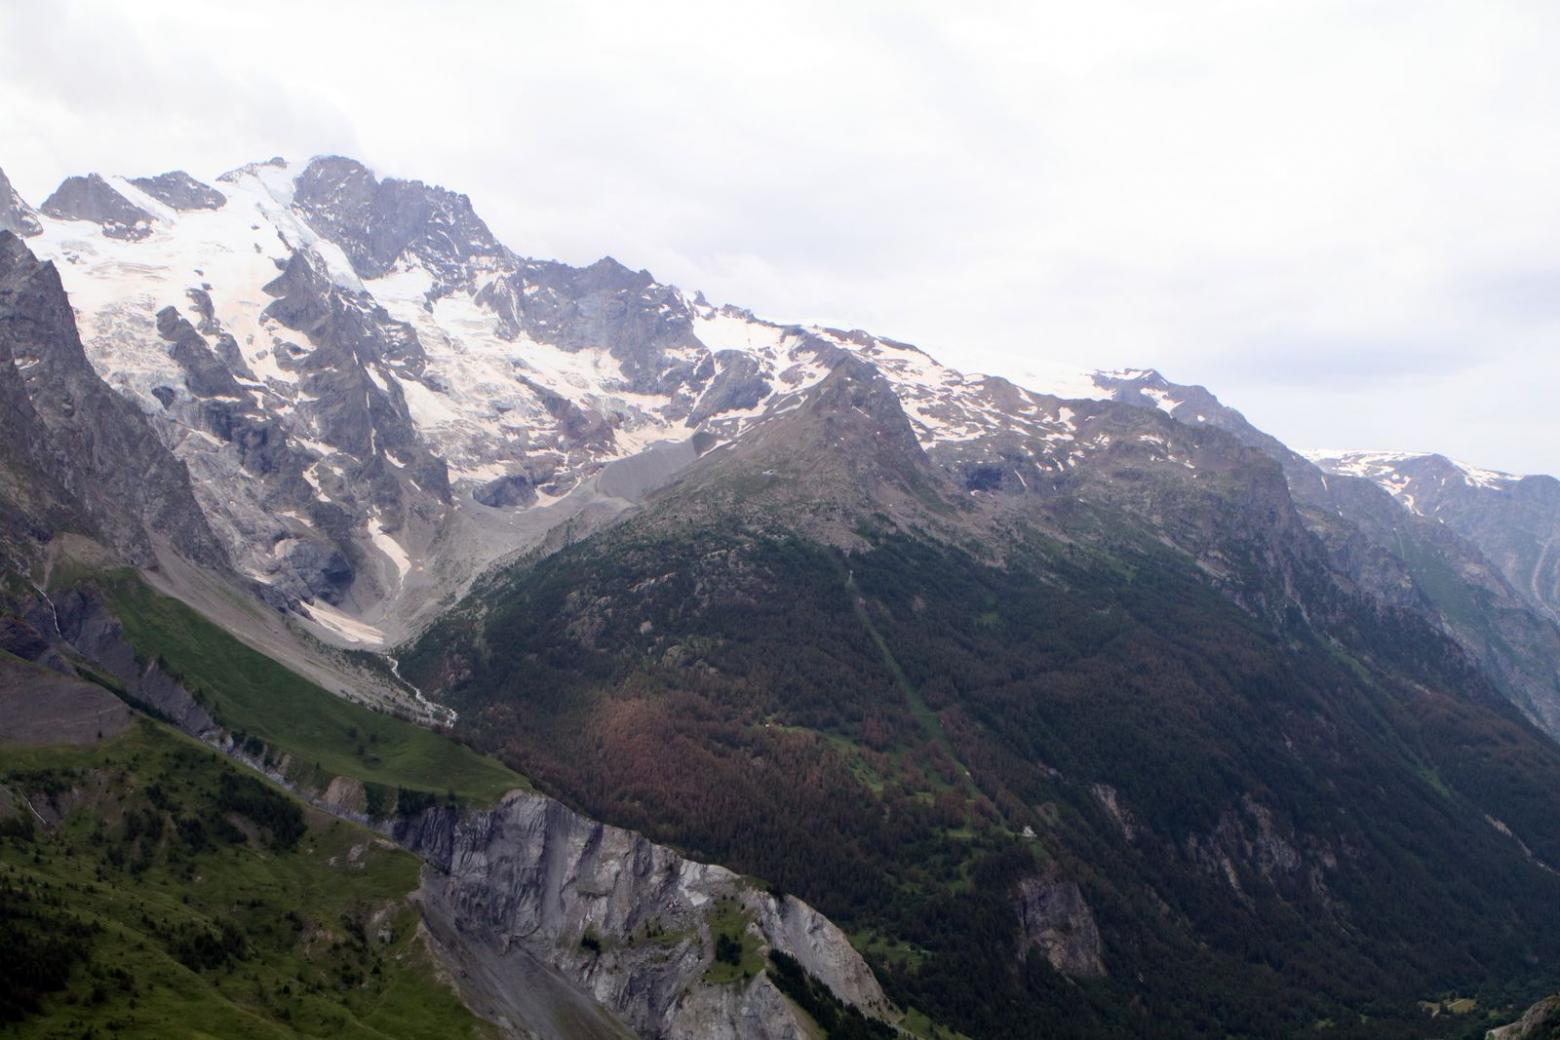 Tordeuse du mélèze - la Grave - juillet 2016  © C-Coursier - Parc national des Écrins